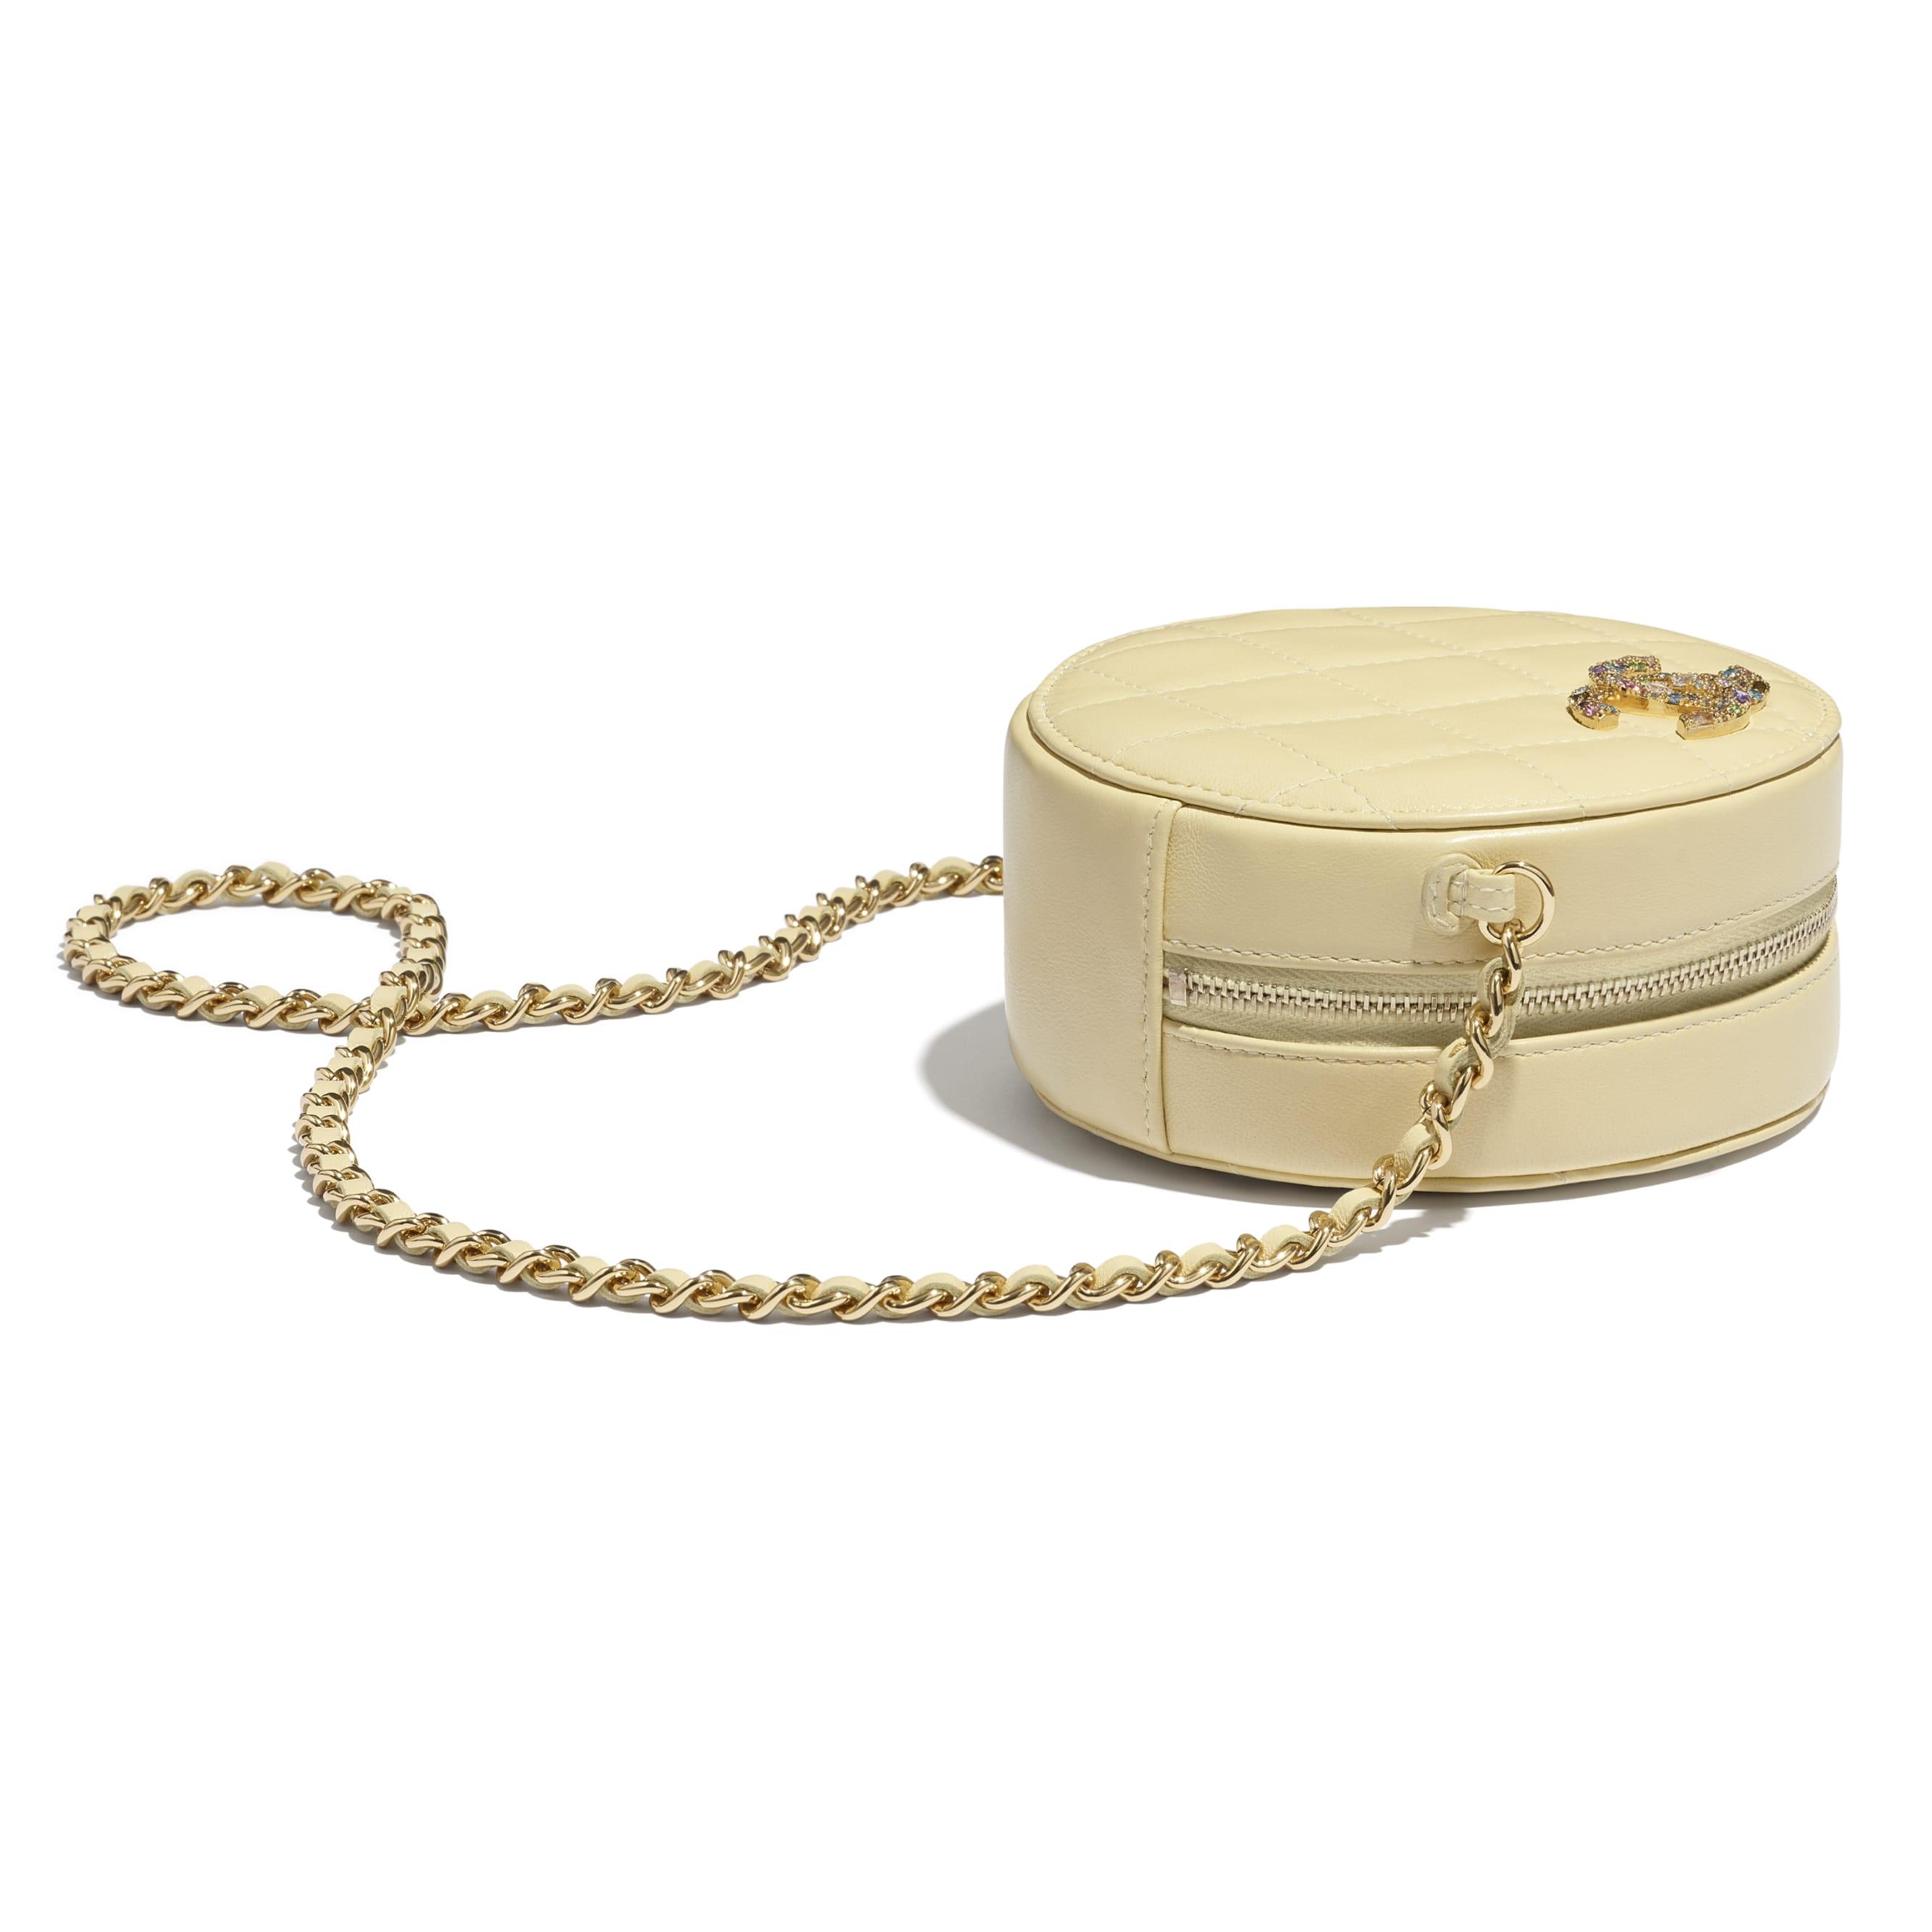 Clutch Com Corrente - Amarelo - Pele de cordeiro, zircónio & metal dourado - CHANEL - Vista extra - ver a versão em tamanho standard